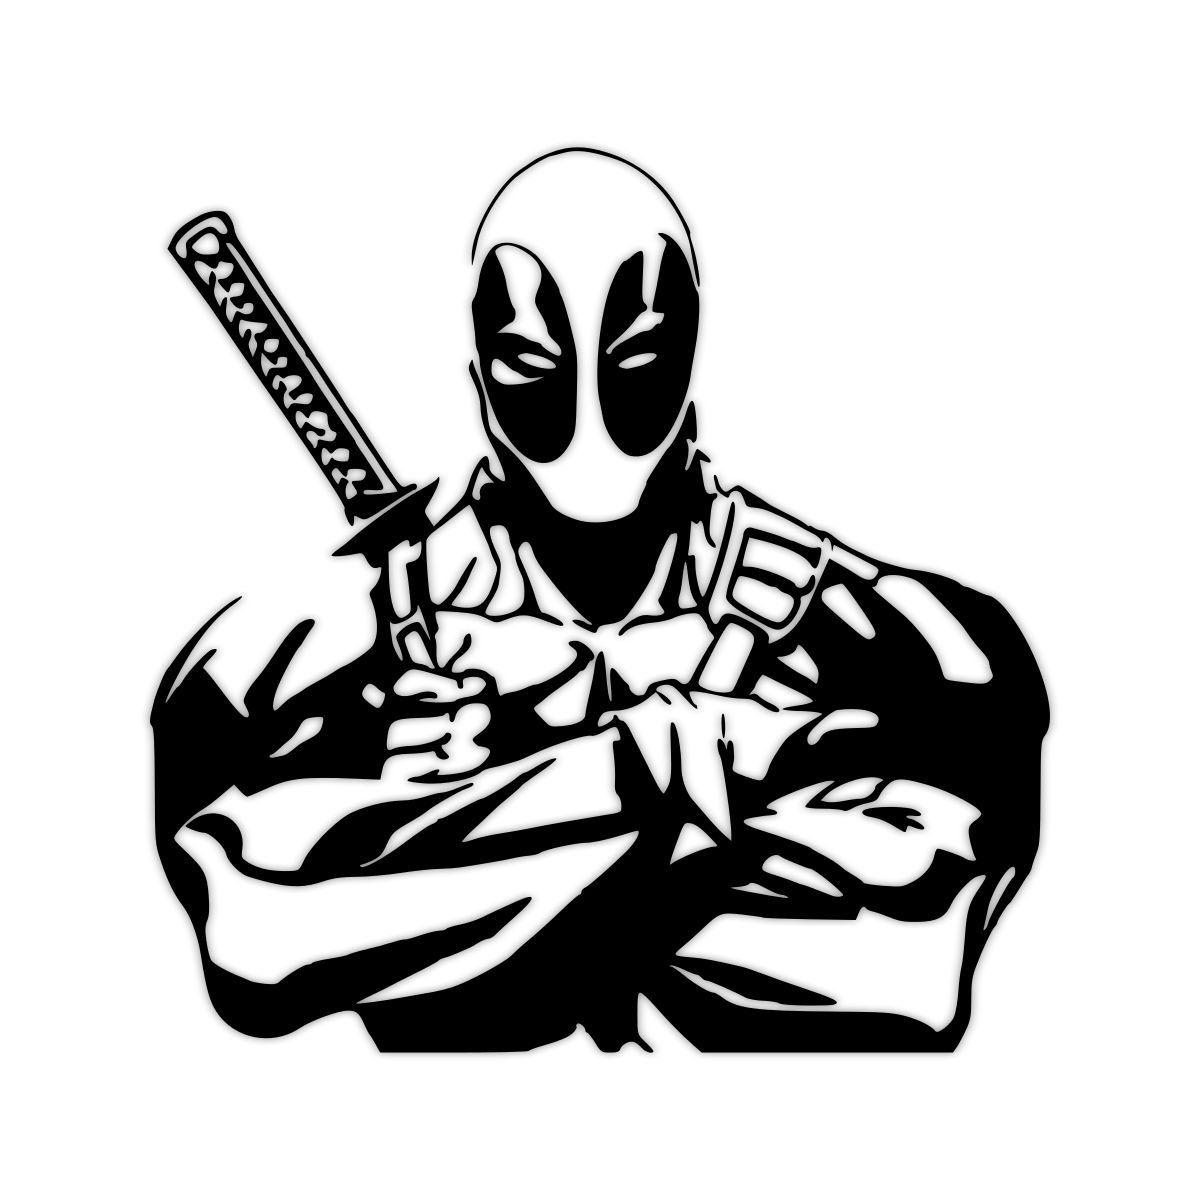 Marvel Deadpool Ausmalbilder Gratis: Bewundern Sie Deadpool Decal Von MeadowFlowerDesigns Auf